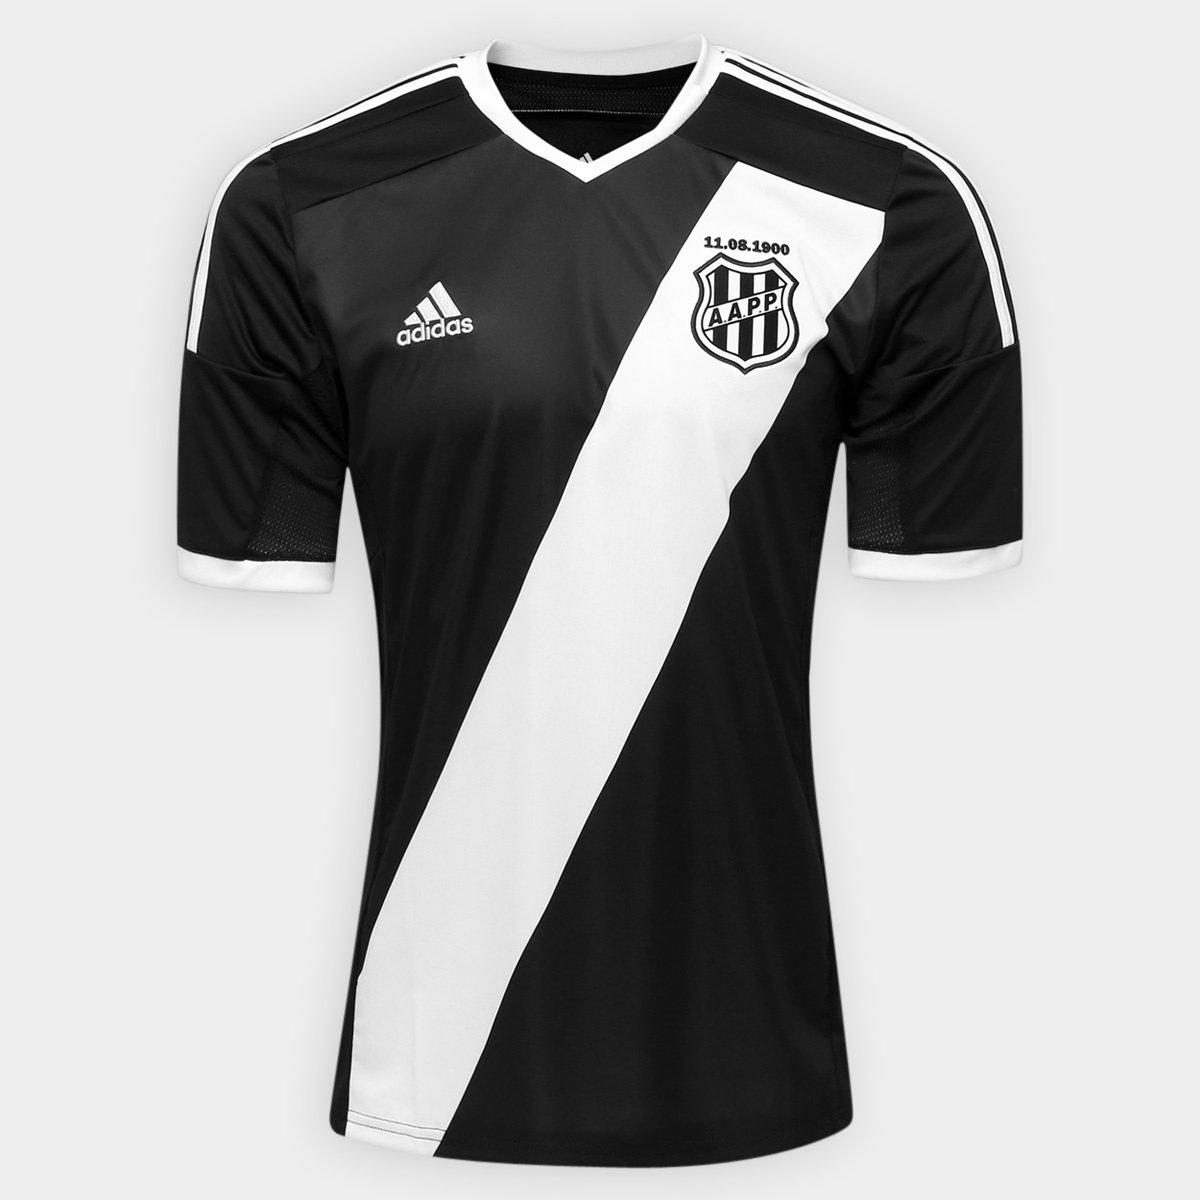 Camisa Ponte Preta II 2016 s nº Torcedor Adidas Masculina - Compre Agora  86ac84979860f